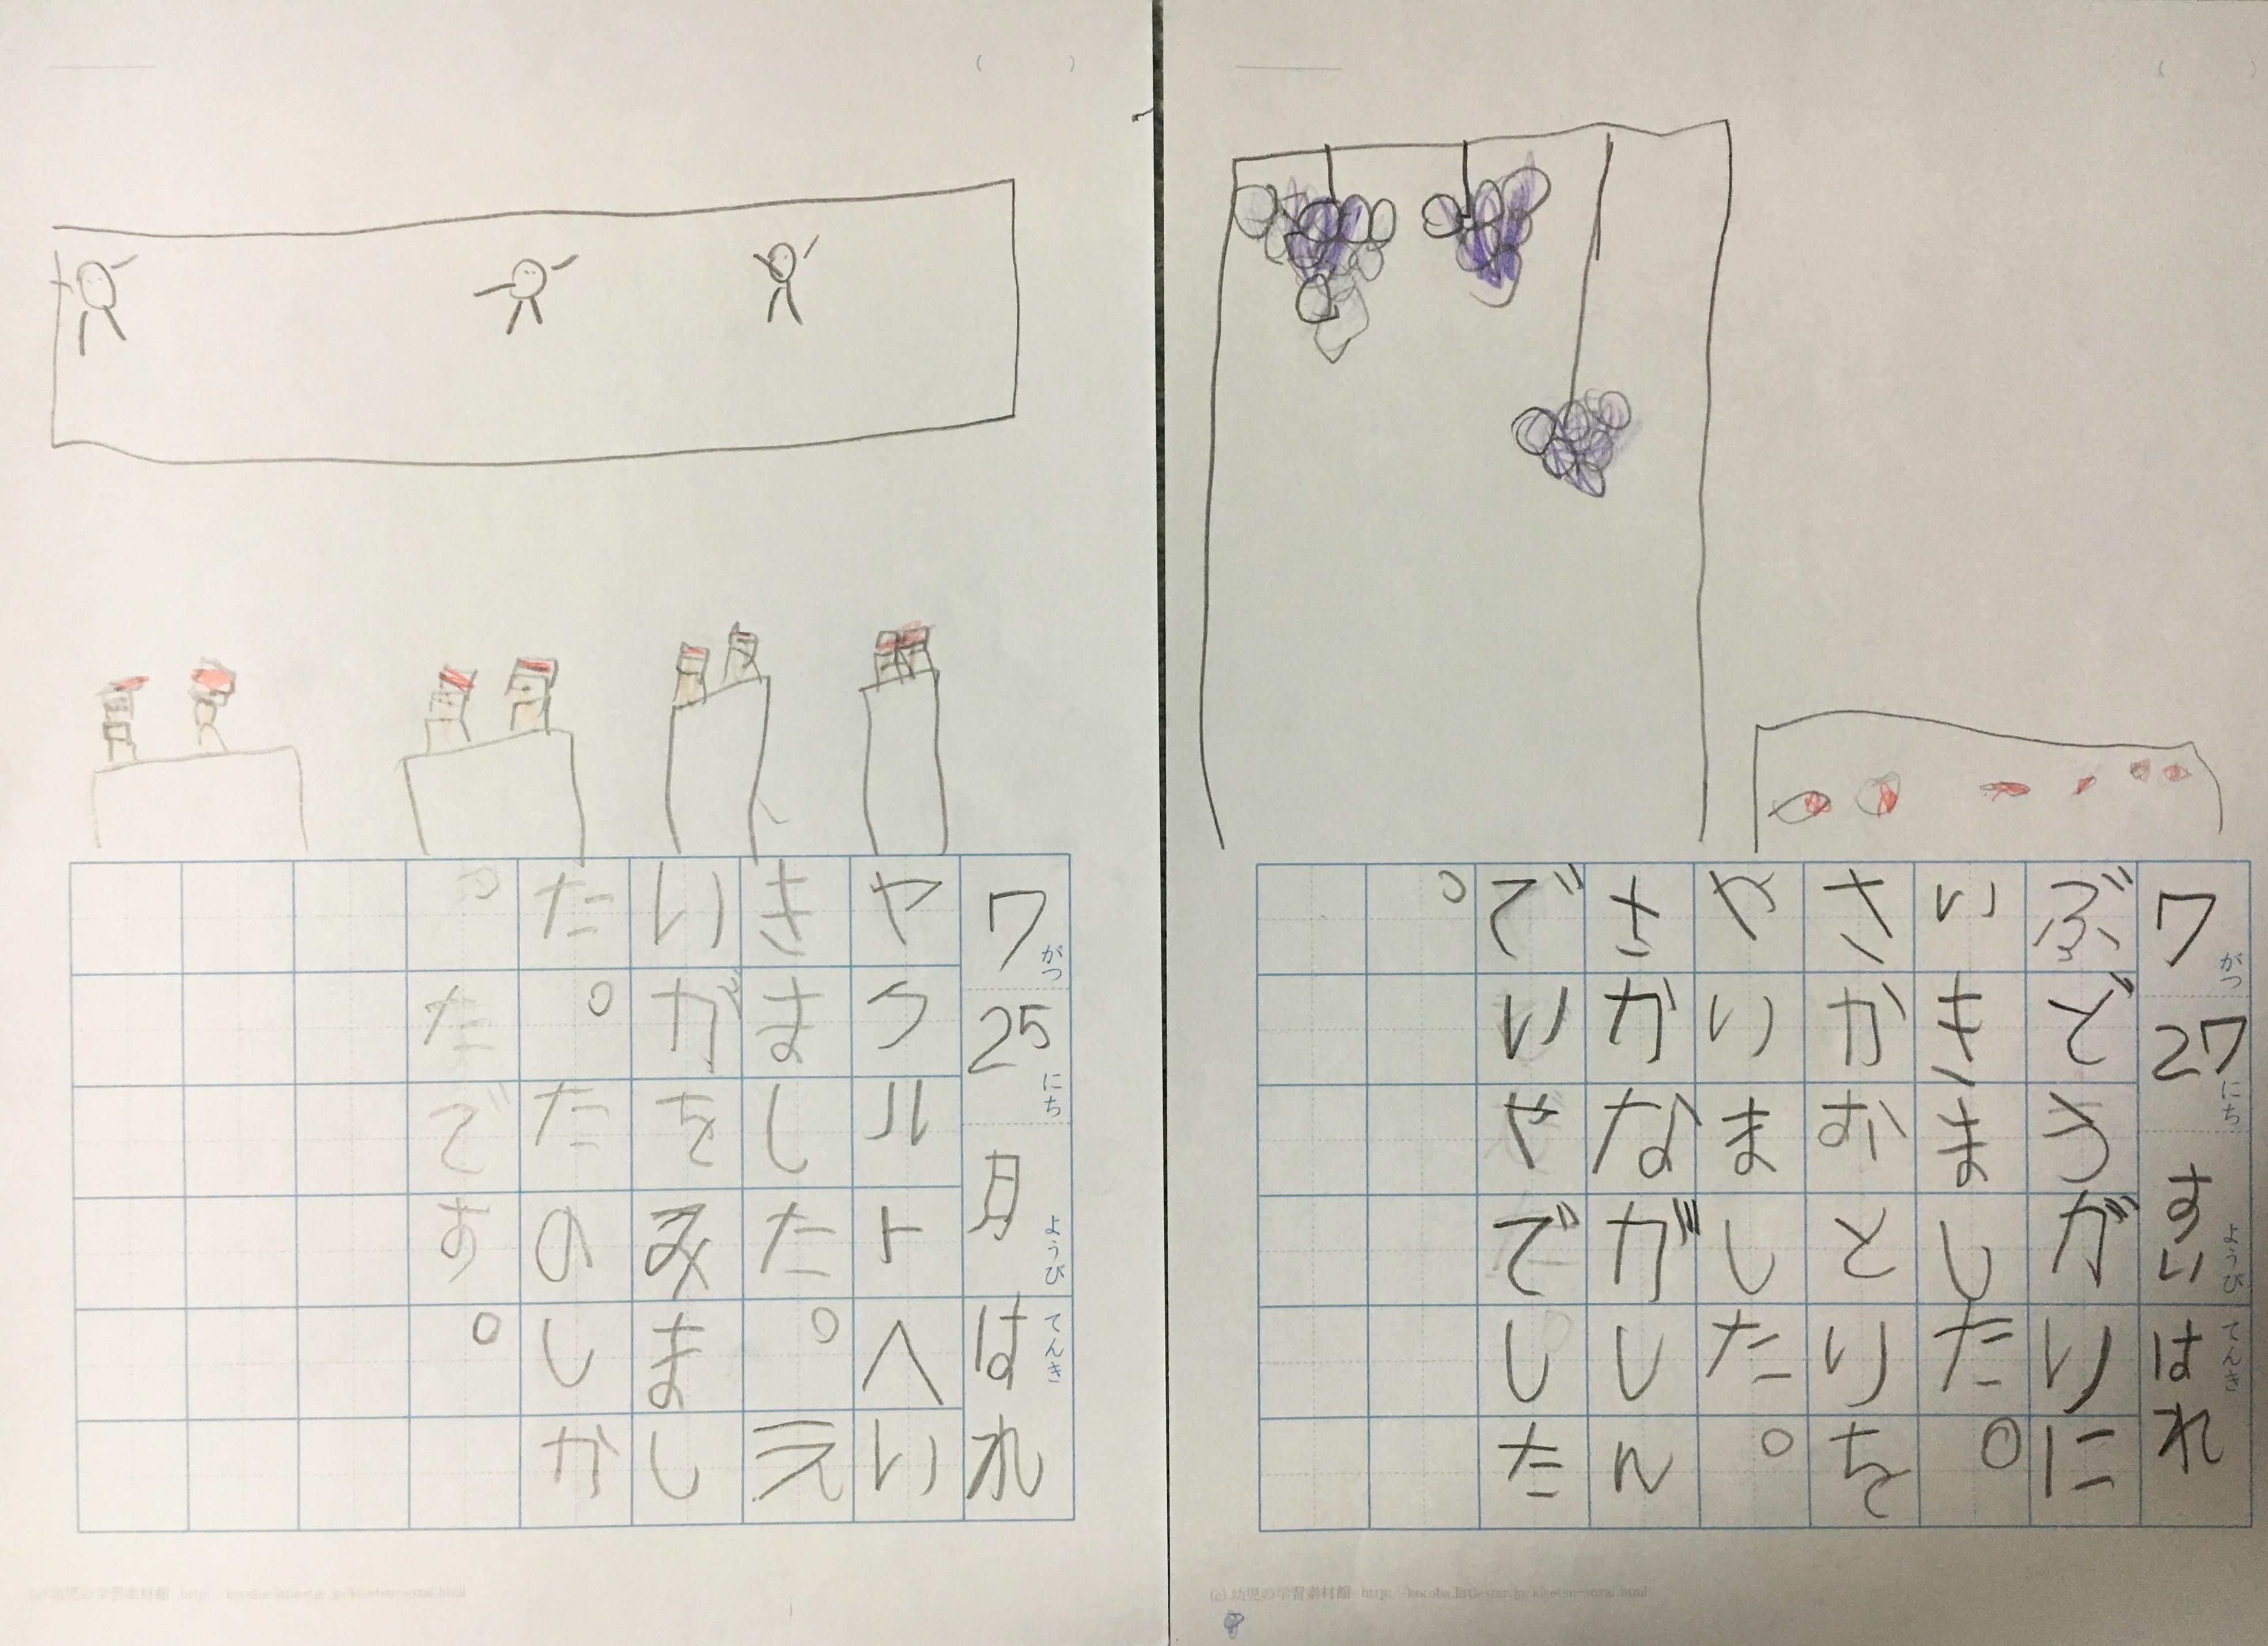 絵日記帳無料ダウンロード